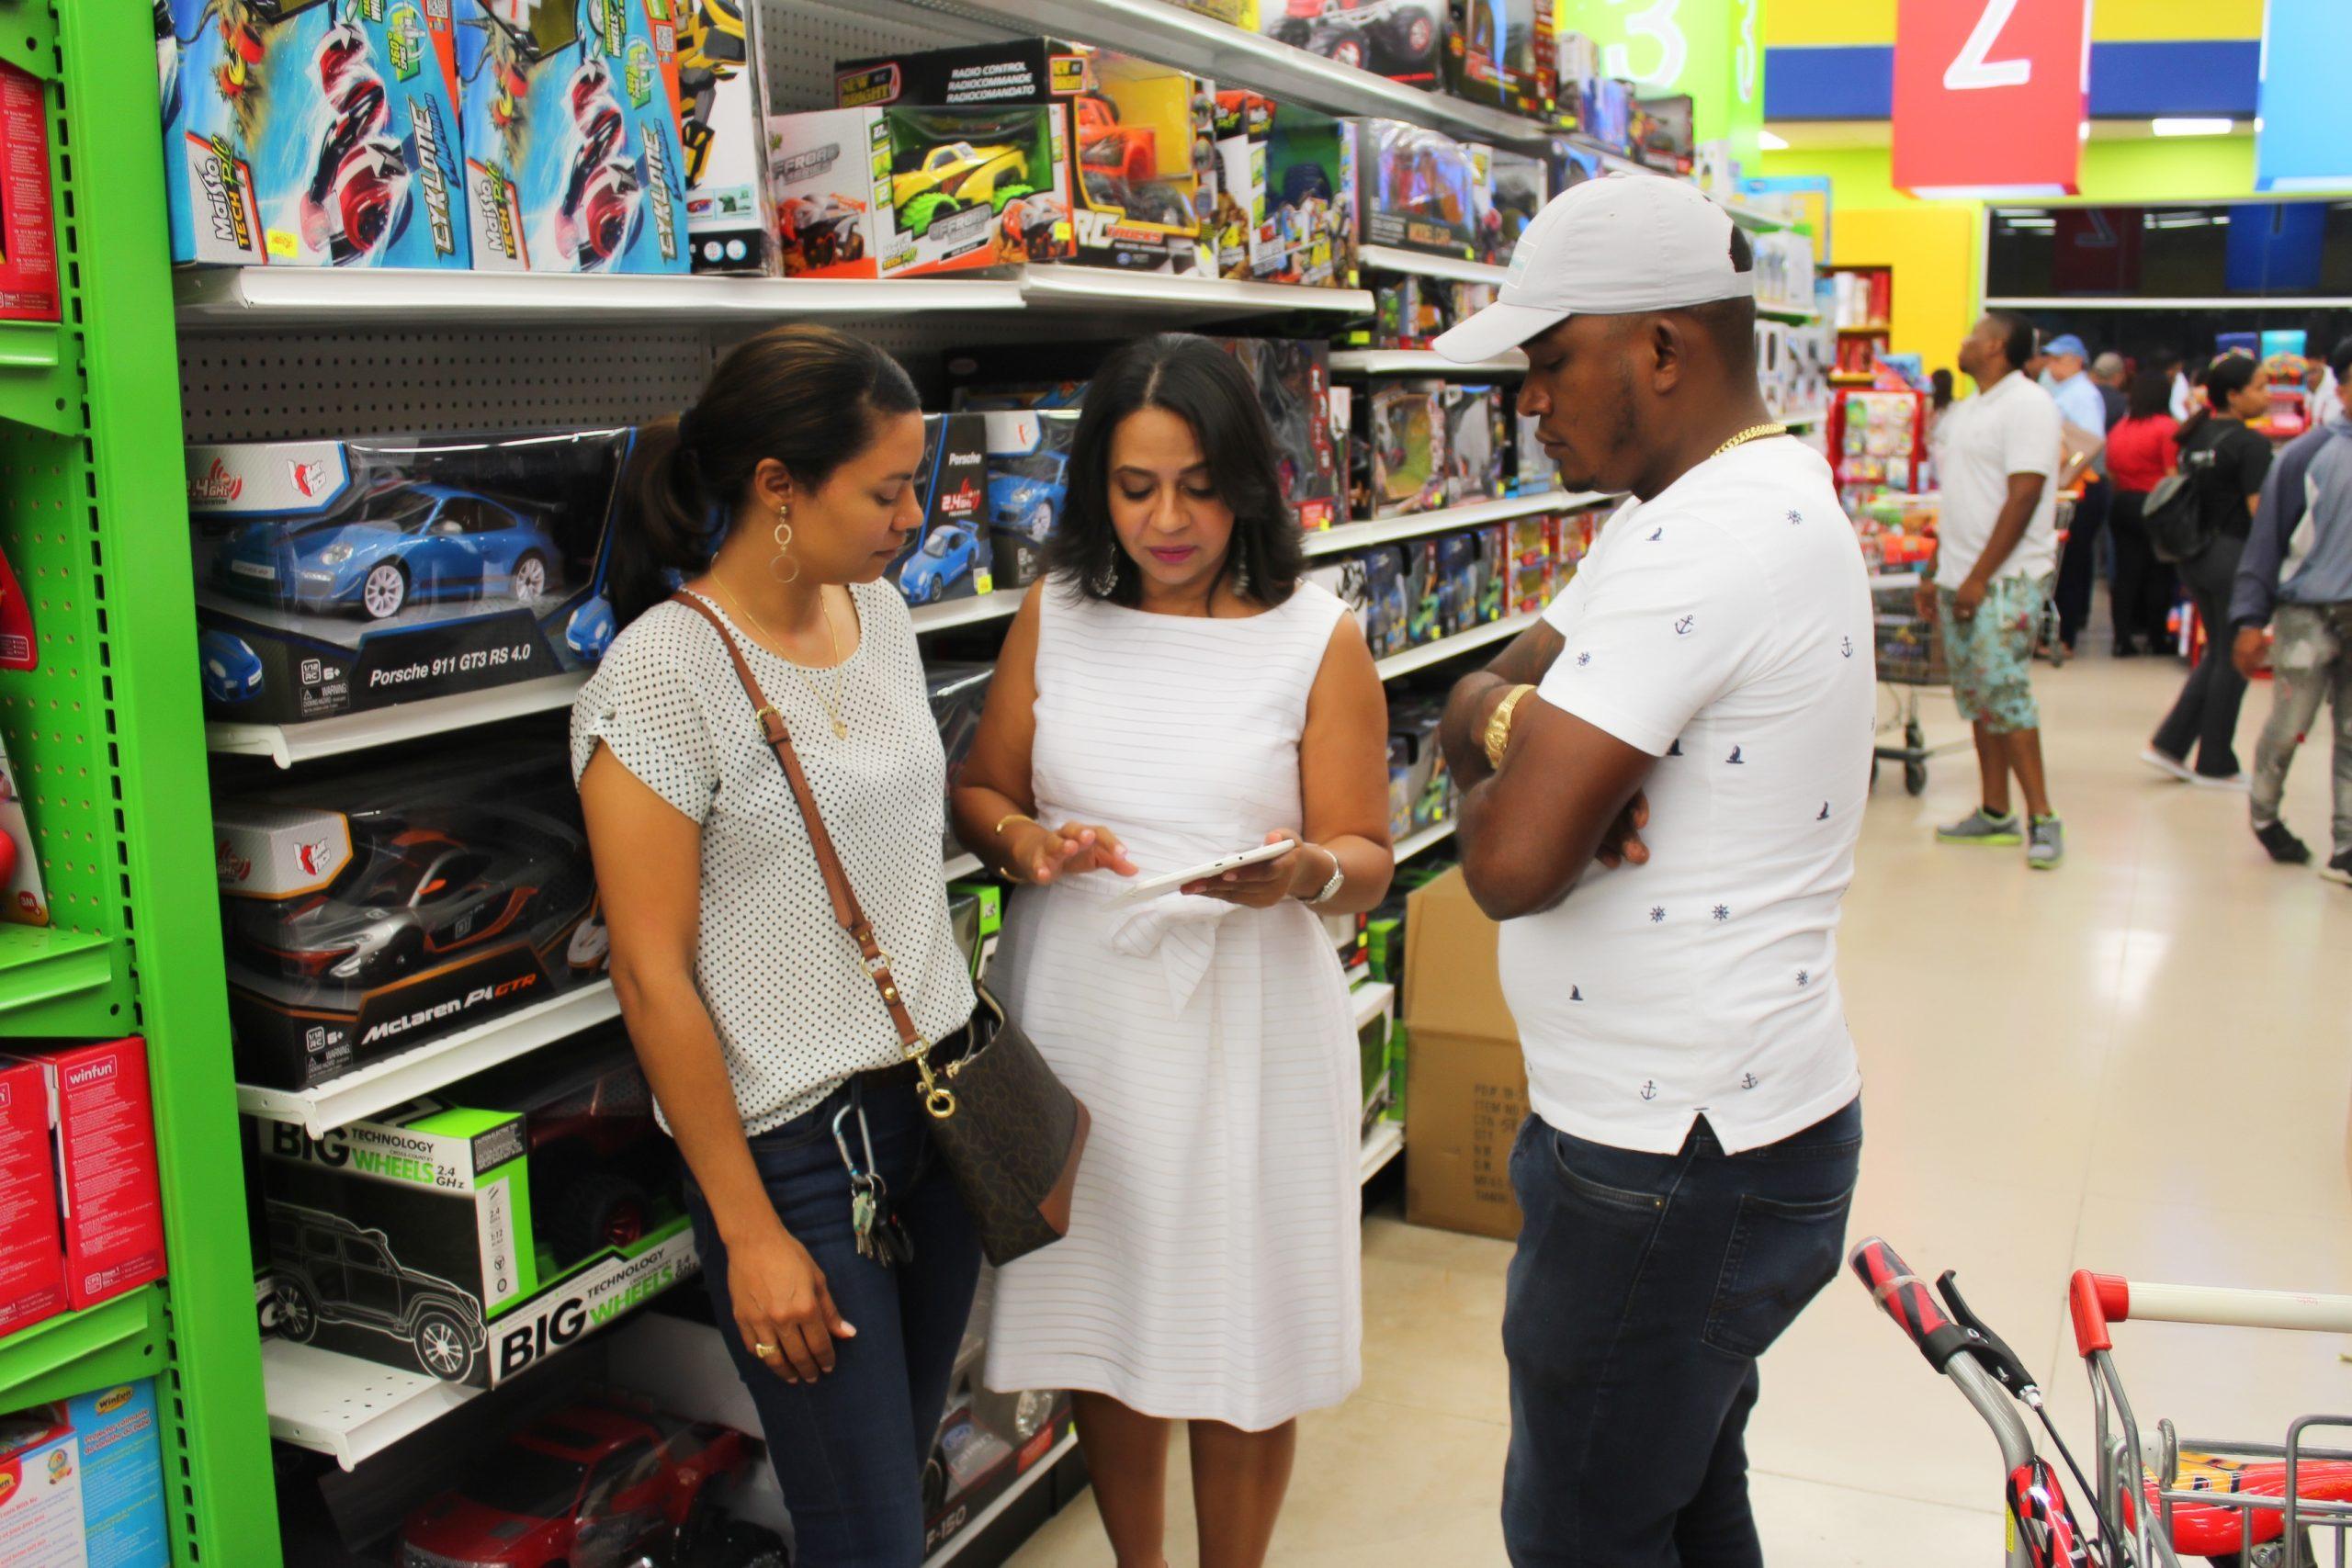 directora de pro consumidor, anina del castillo, mientras orienta a los consumidores a comprar juguetes seguros